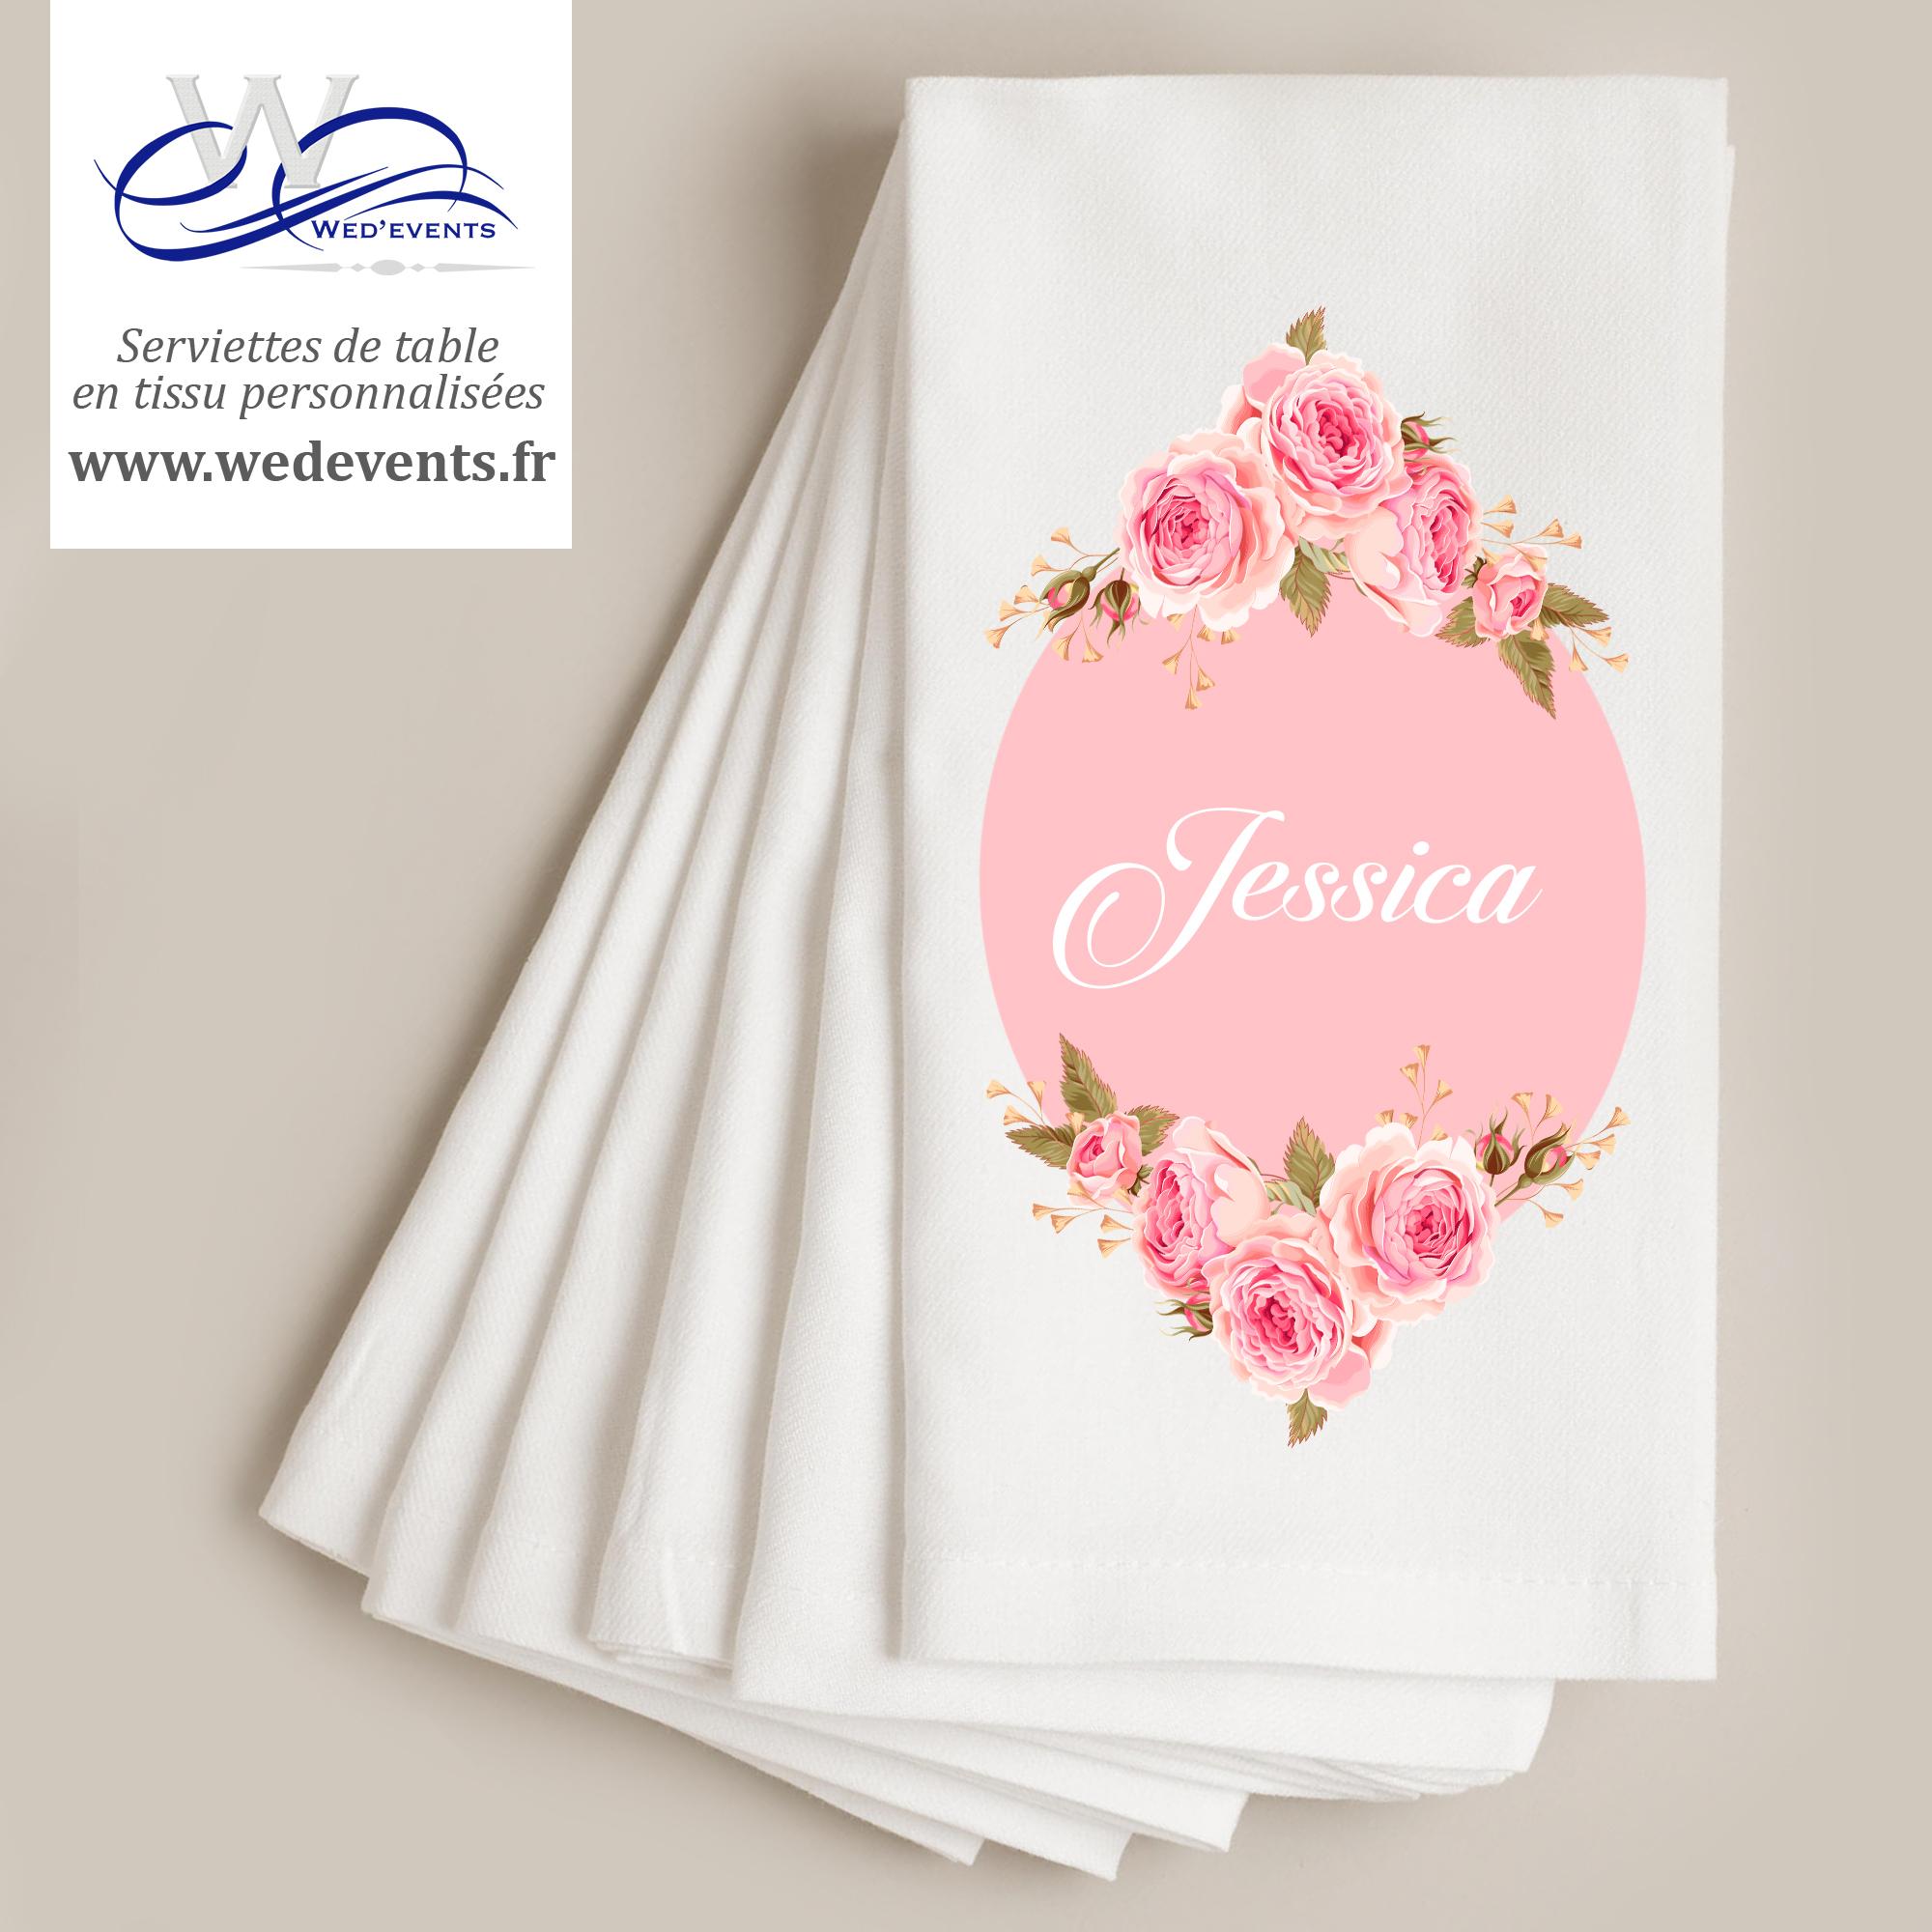 serviette personnalisée mariage fleurs